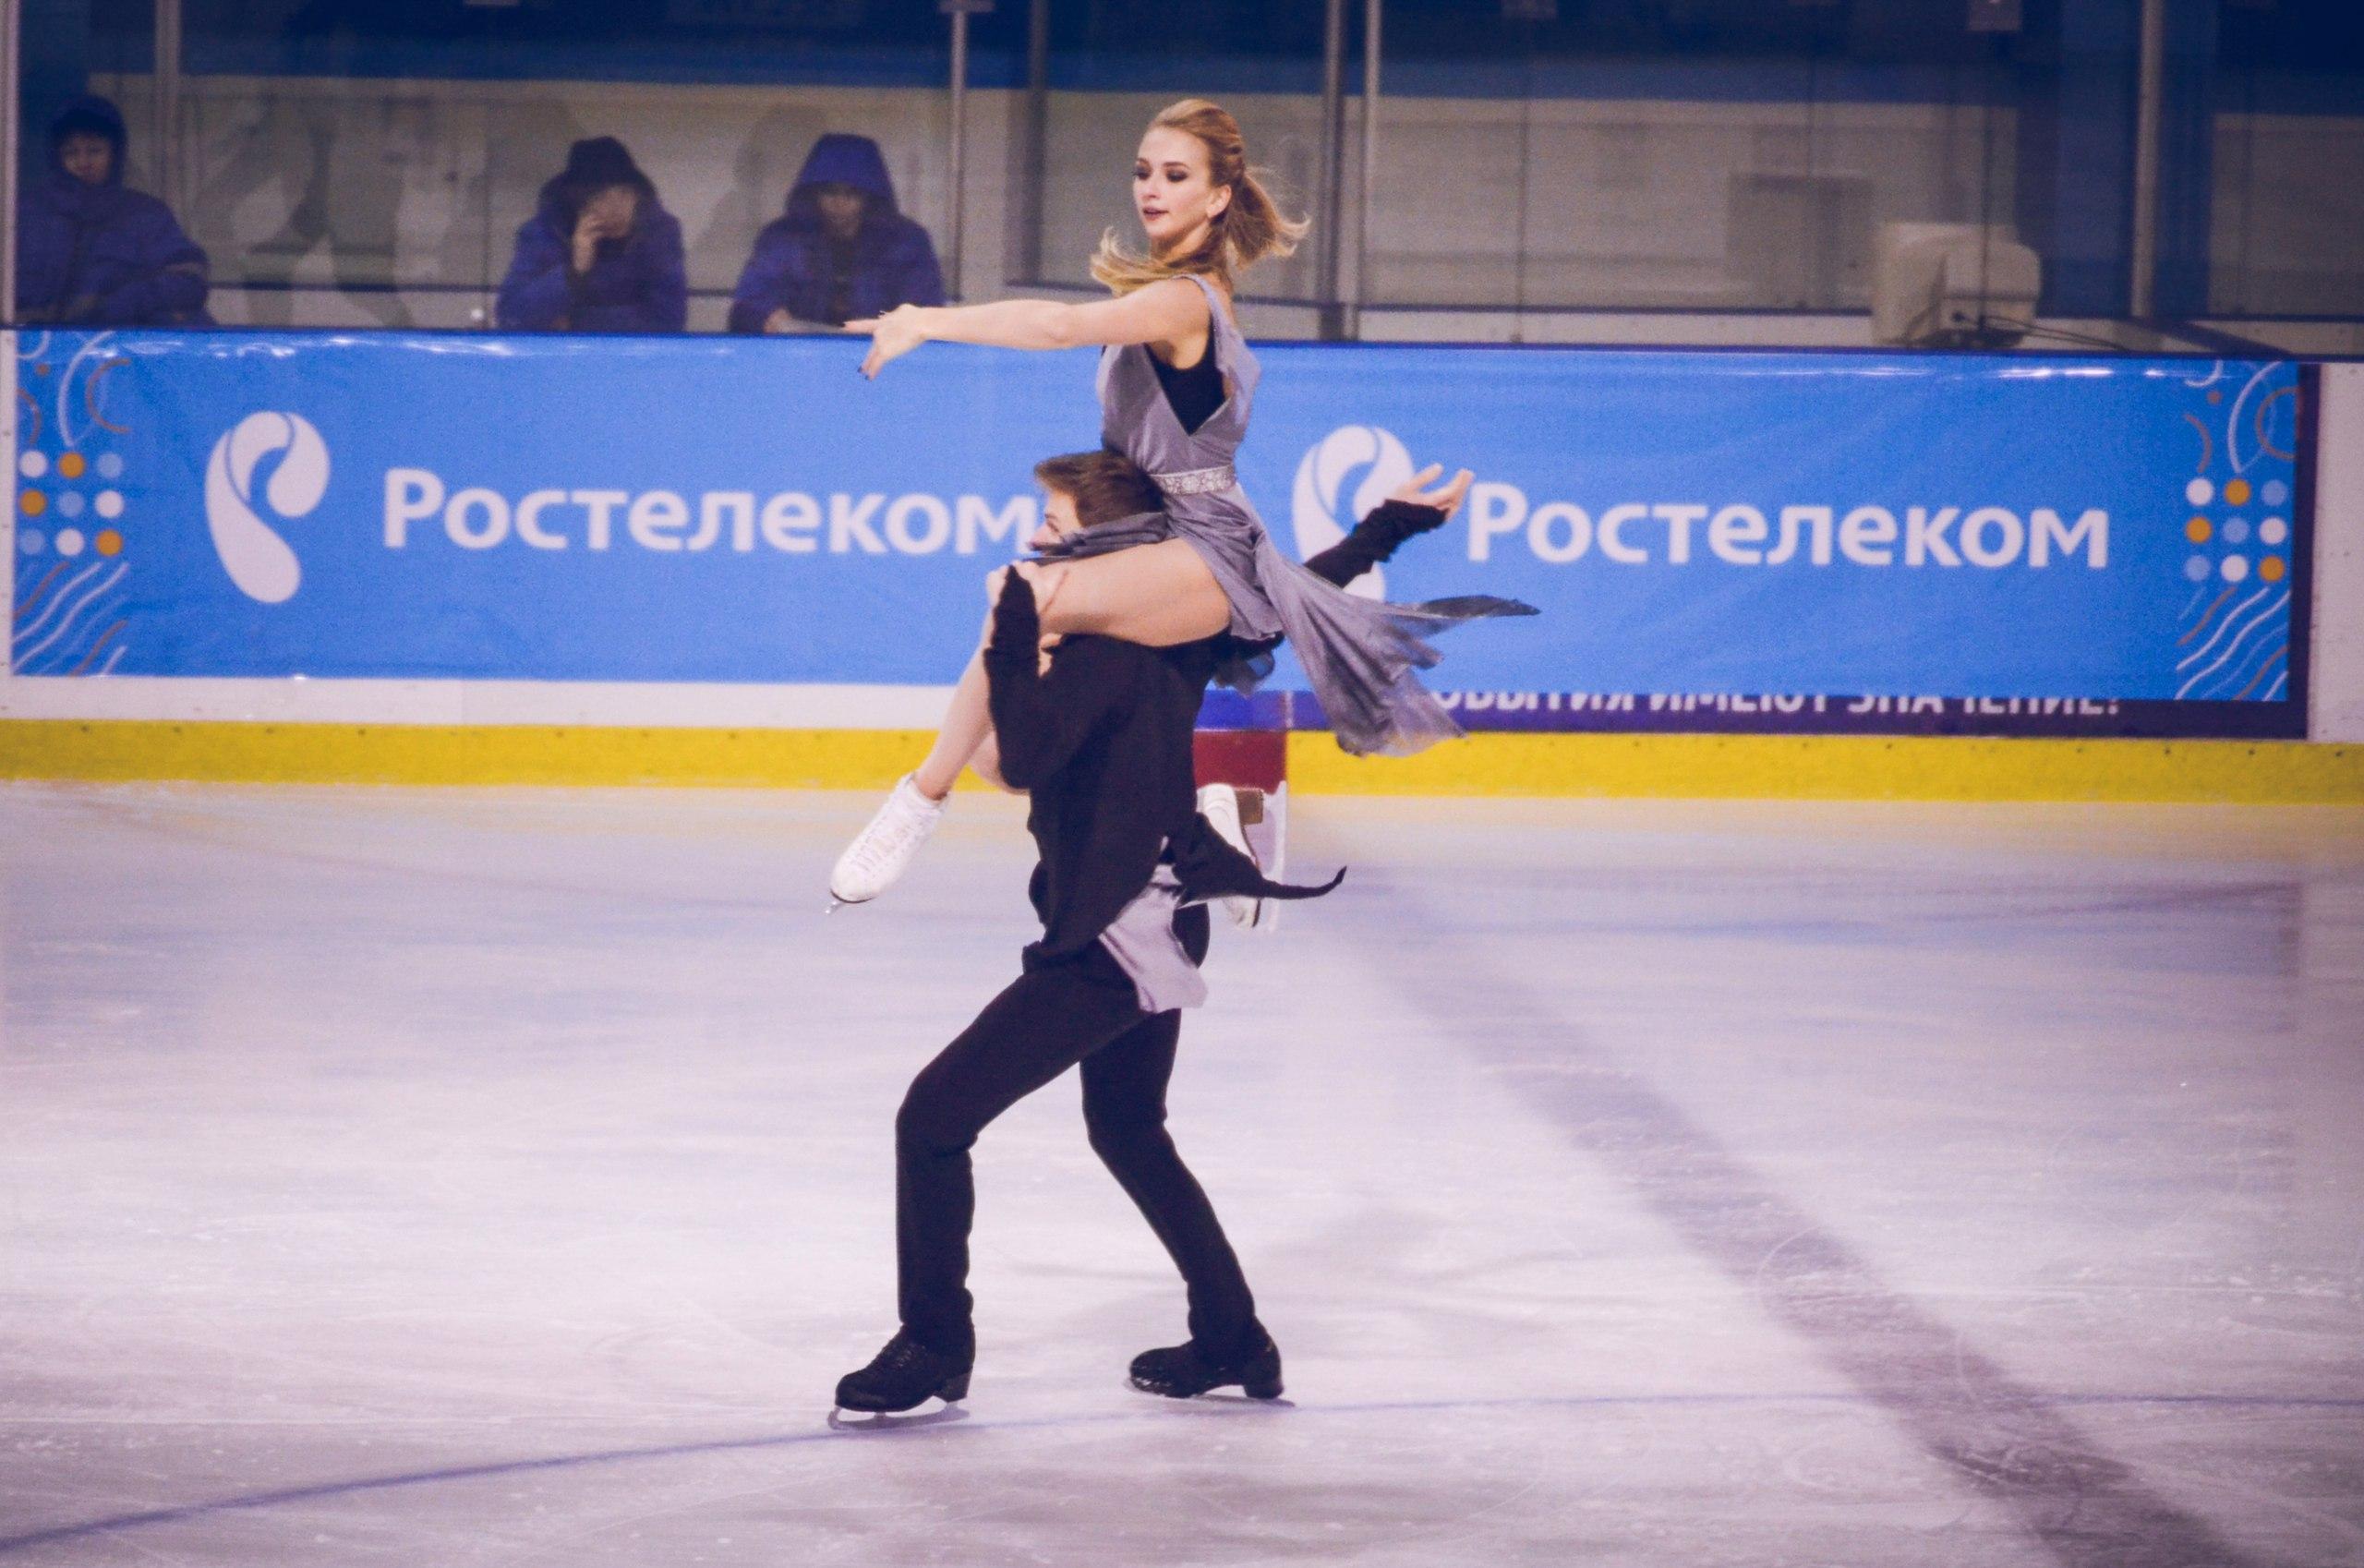 Виктория Синицина - Никита Кацалапов - 7 - Страница 3 GsZPE-nnp8M